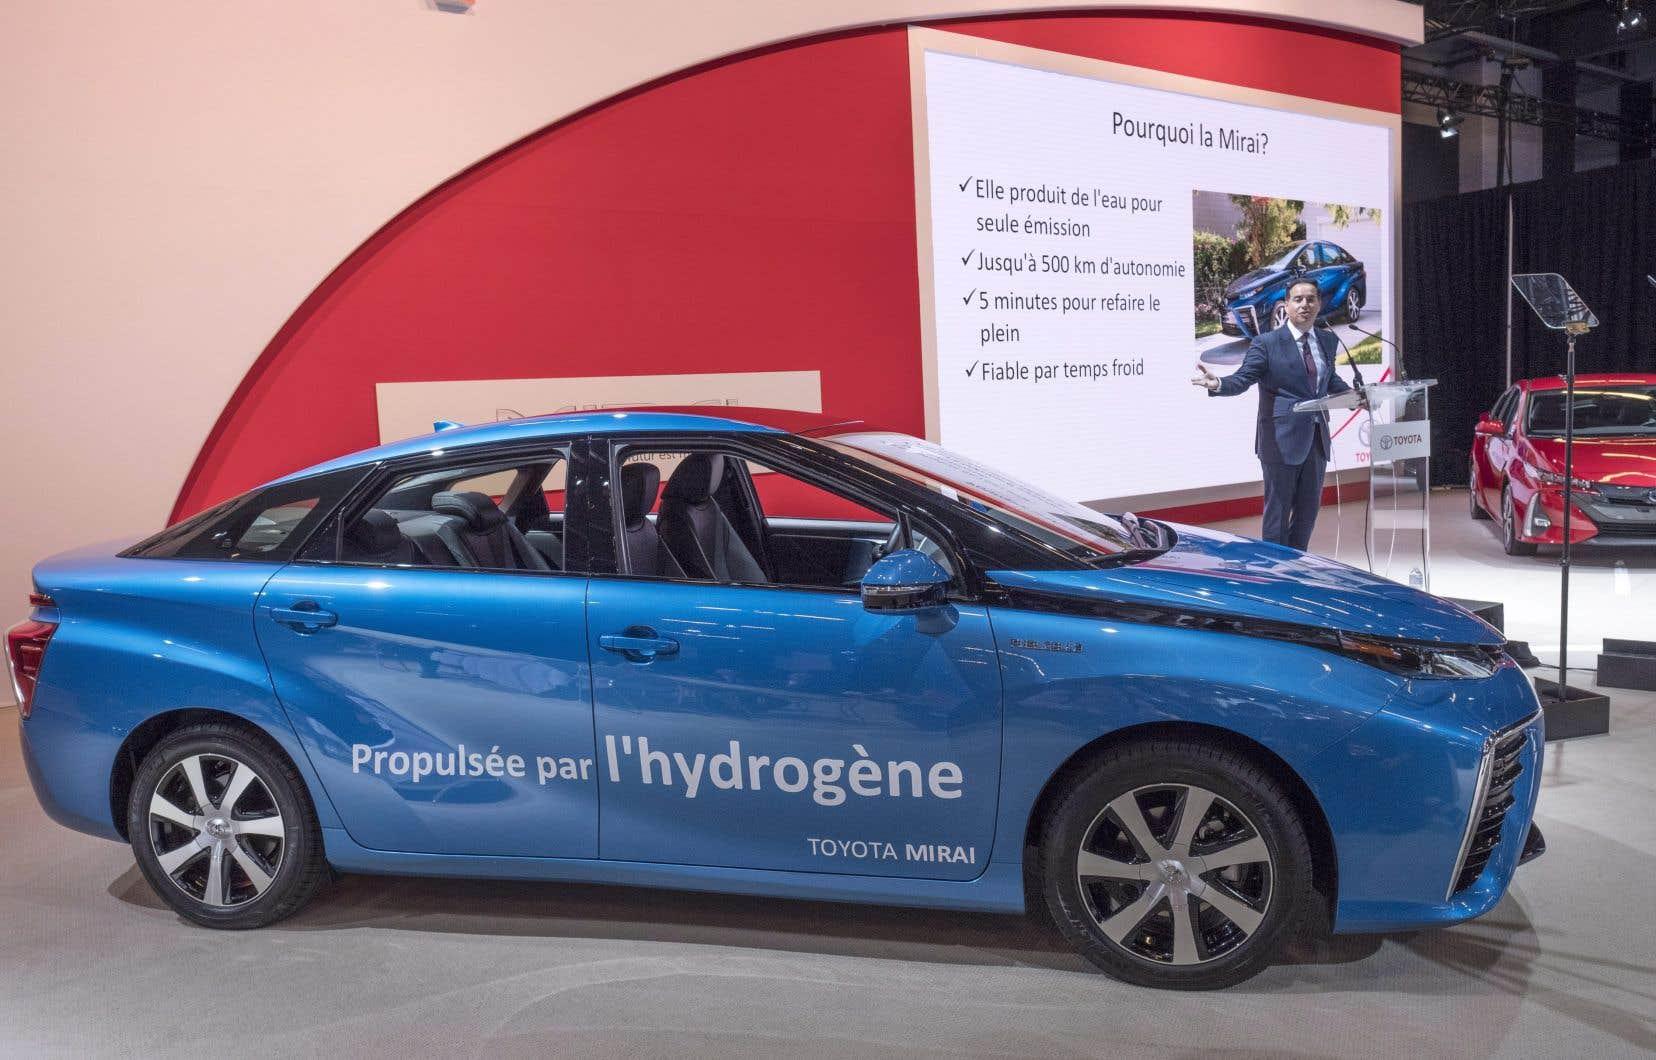 La Toyota Mirai est première voiture à l'hydrogène à faire son entrée au Canada.